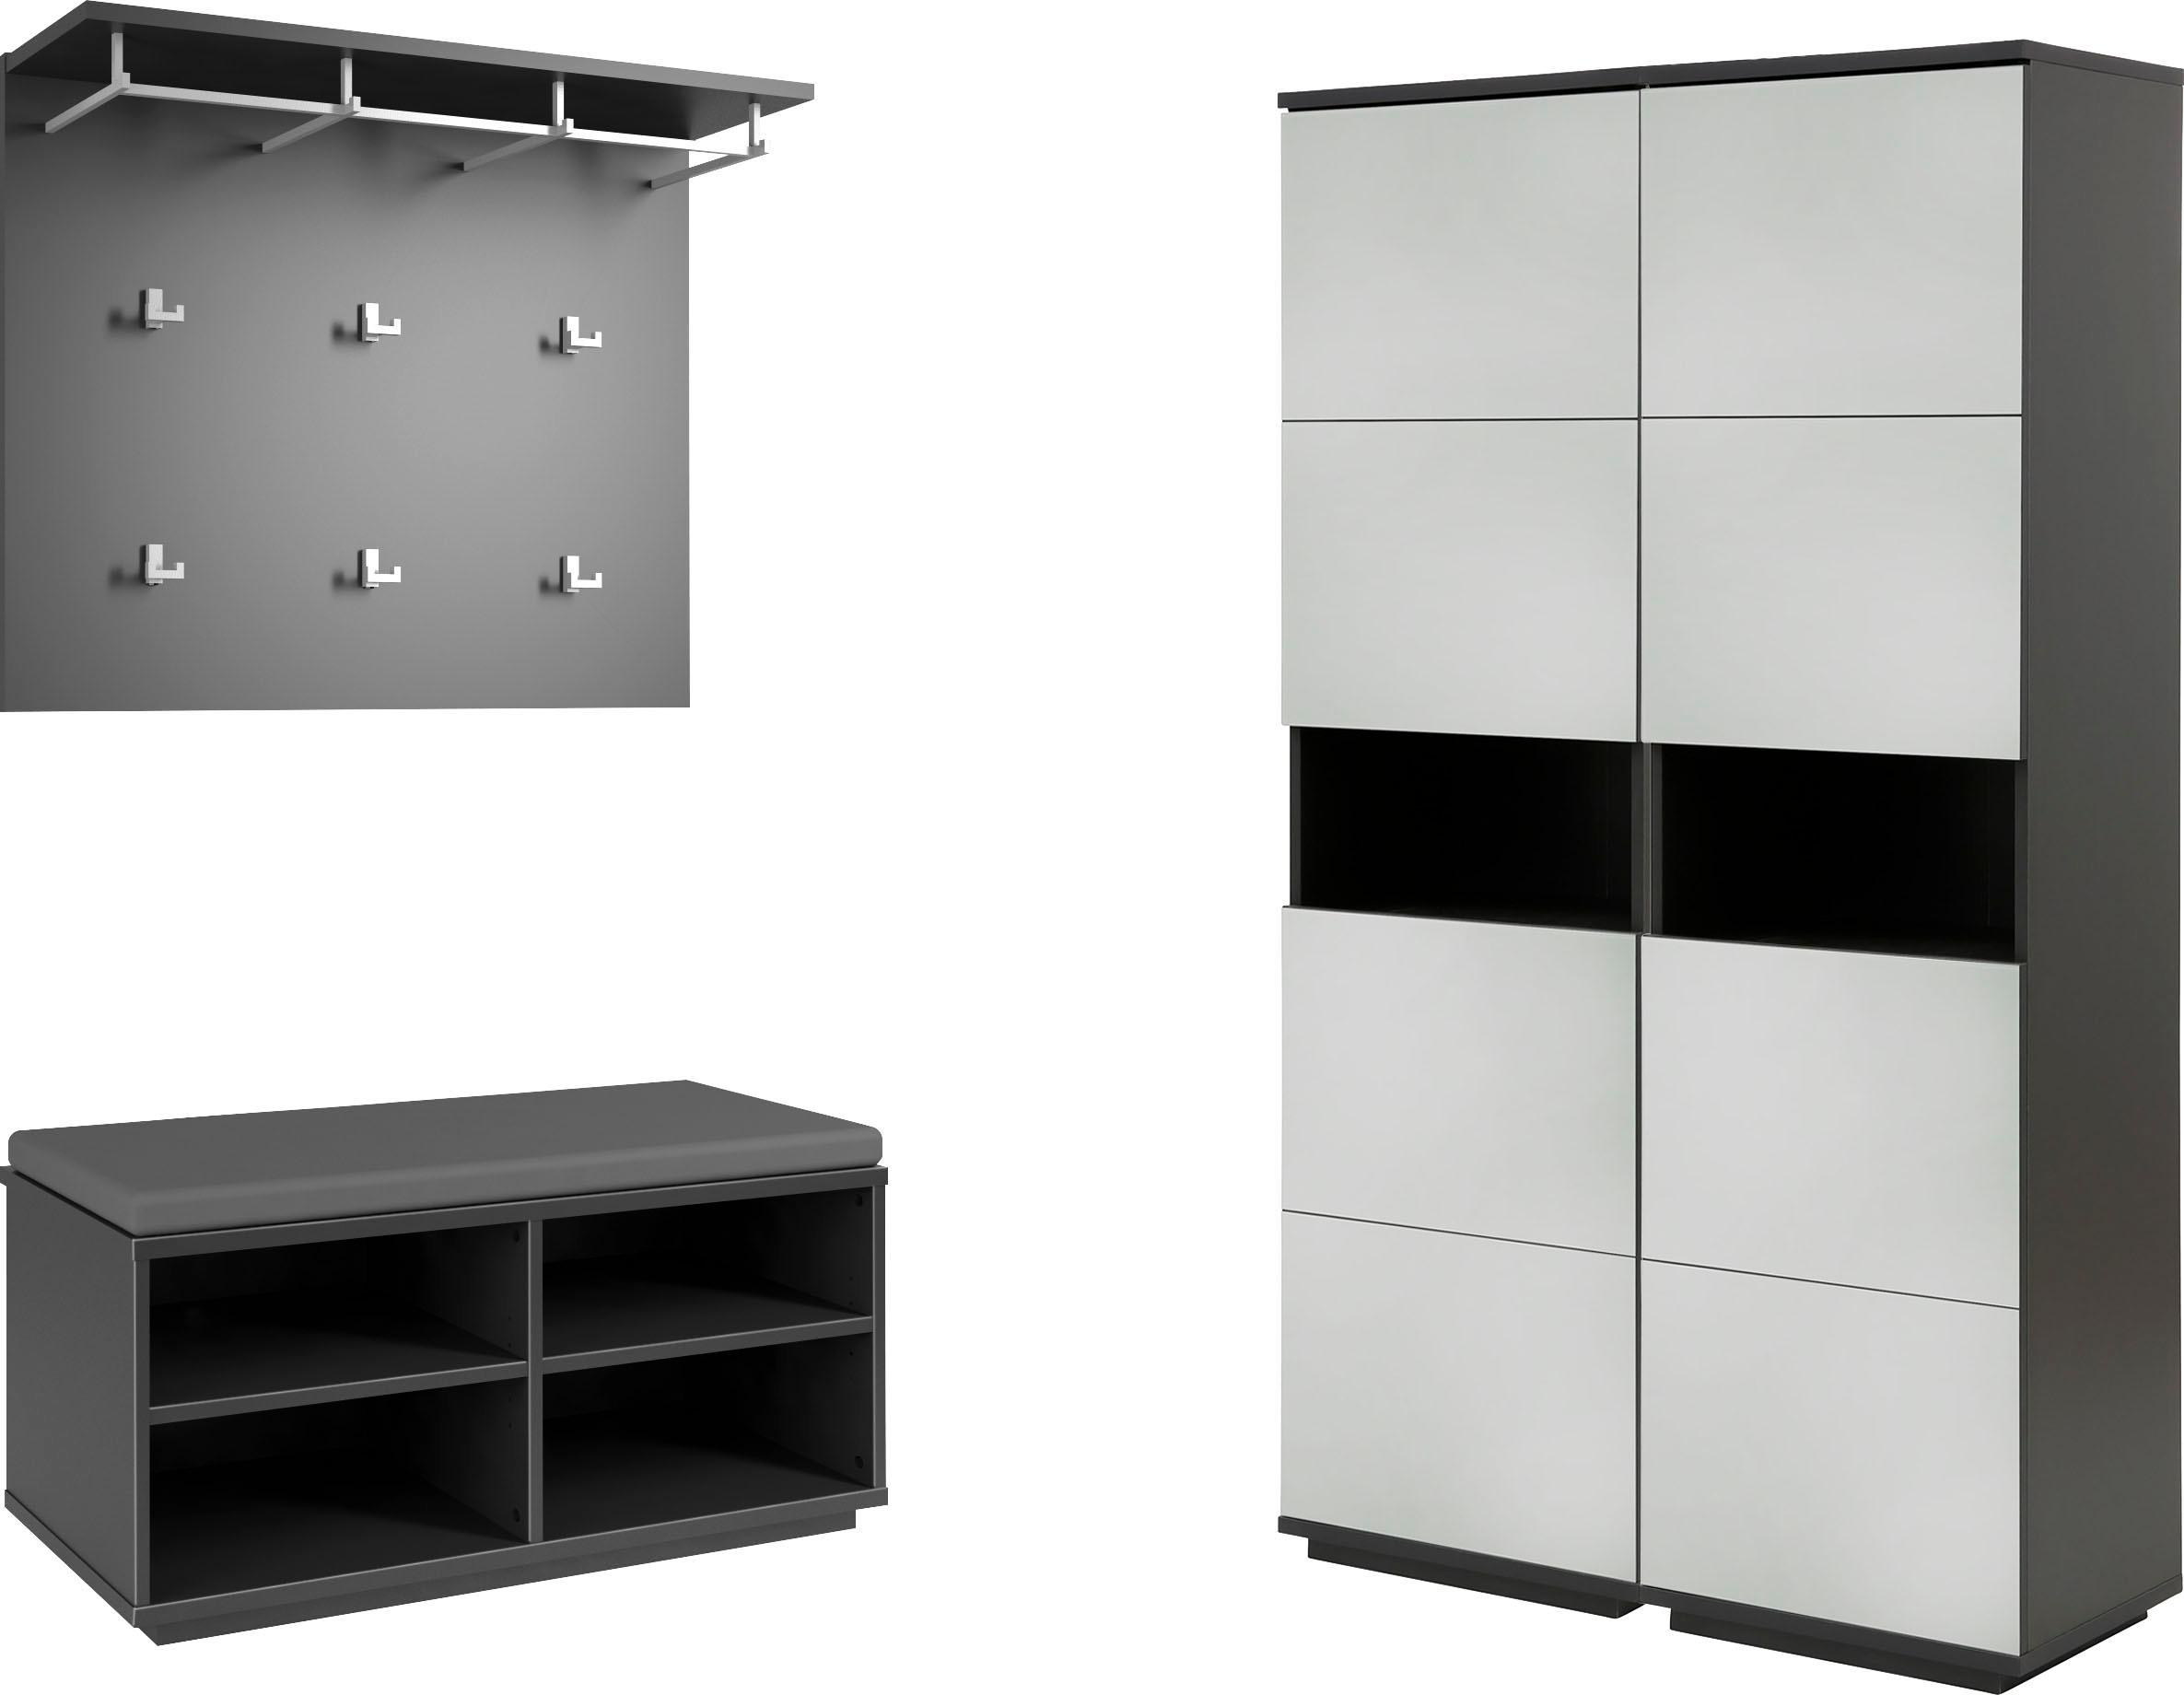 Garderoben-Set, weiß, Material Glas, Holzwerkstoff, Metall, Melamin »Alea«, günstig online kaufen